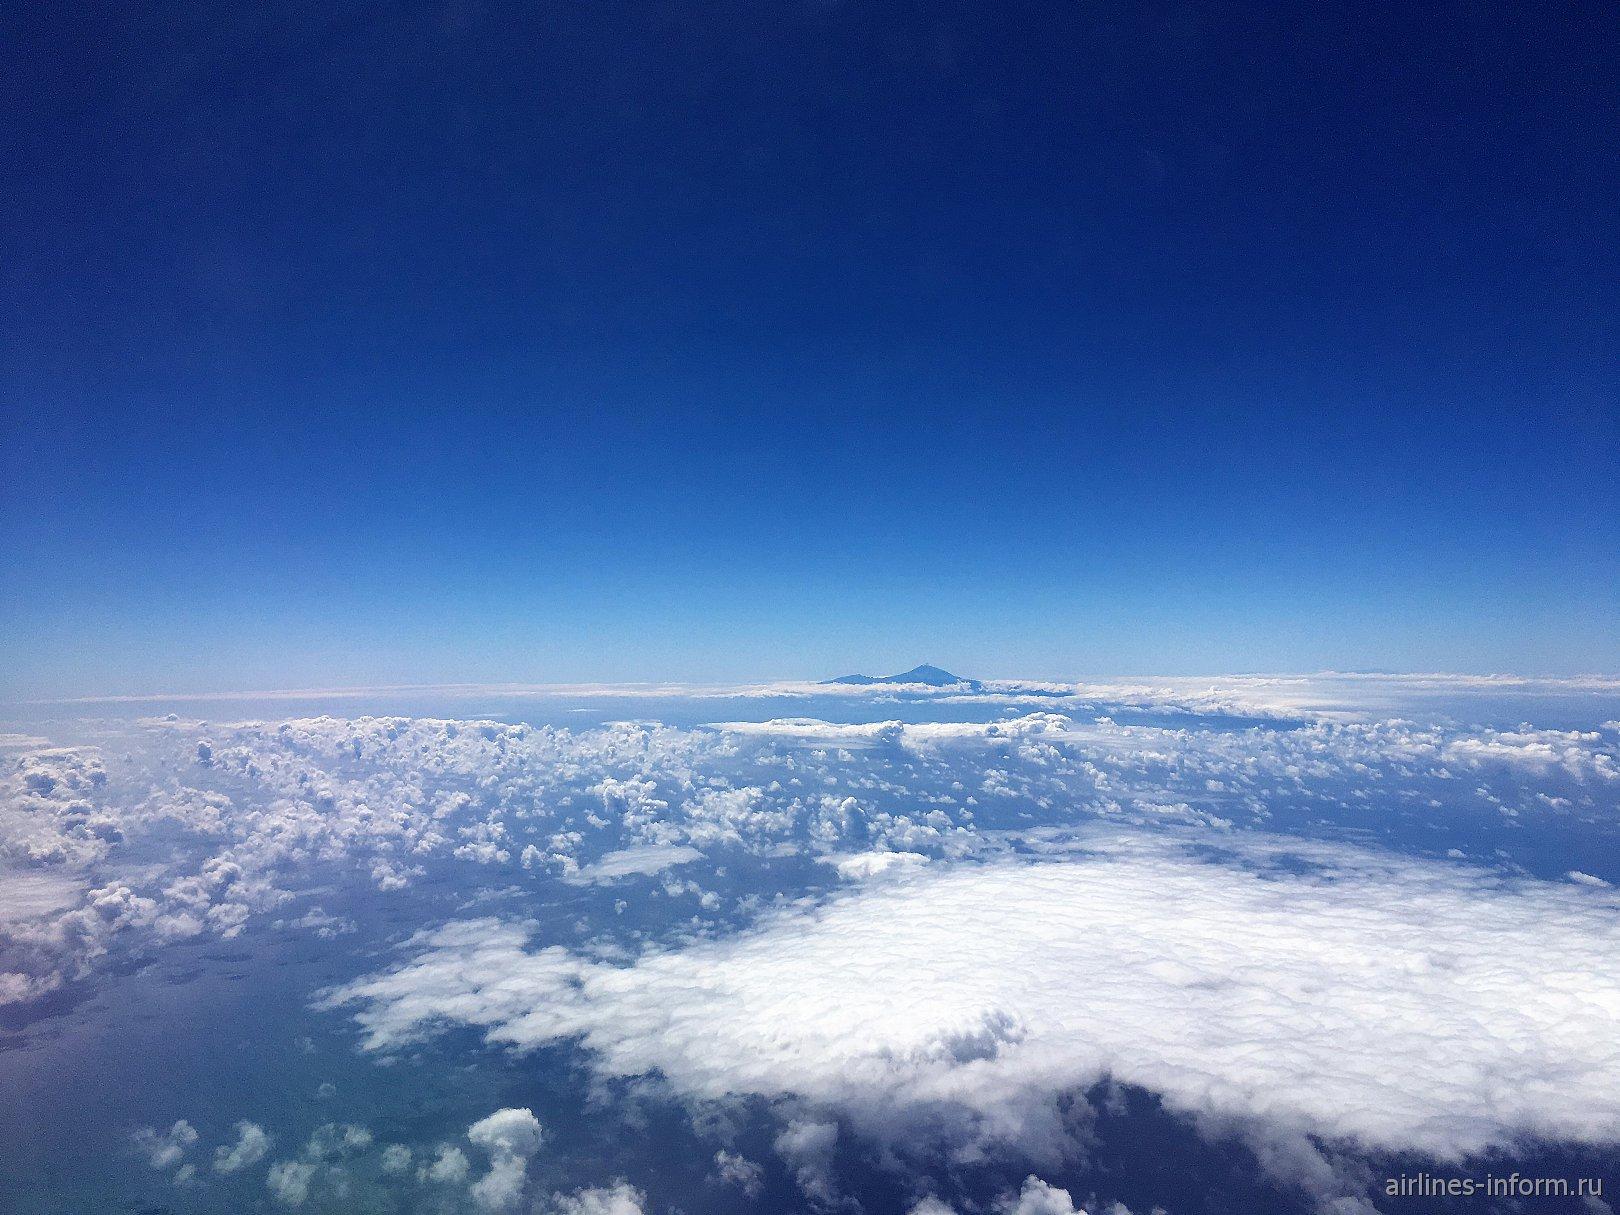 Над облаками выступает вулкан Тейде на острове Тенерифе